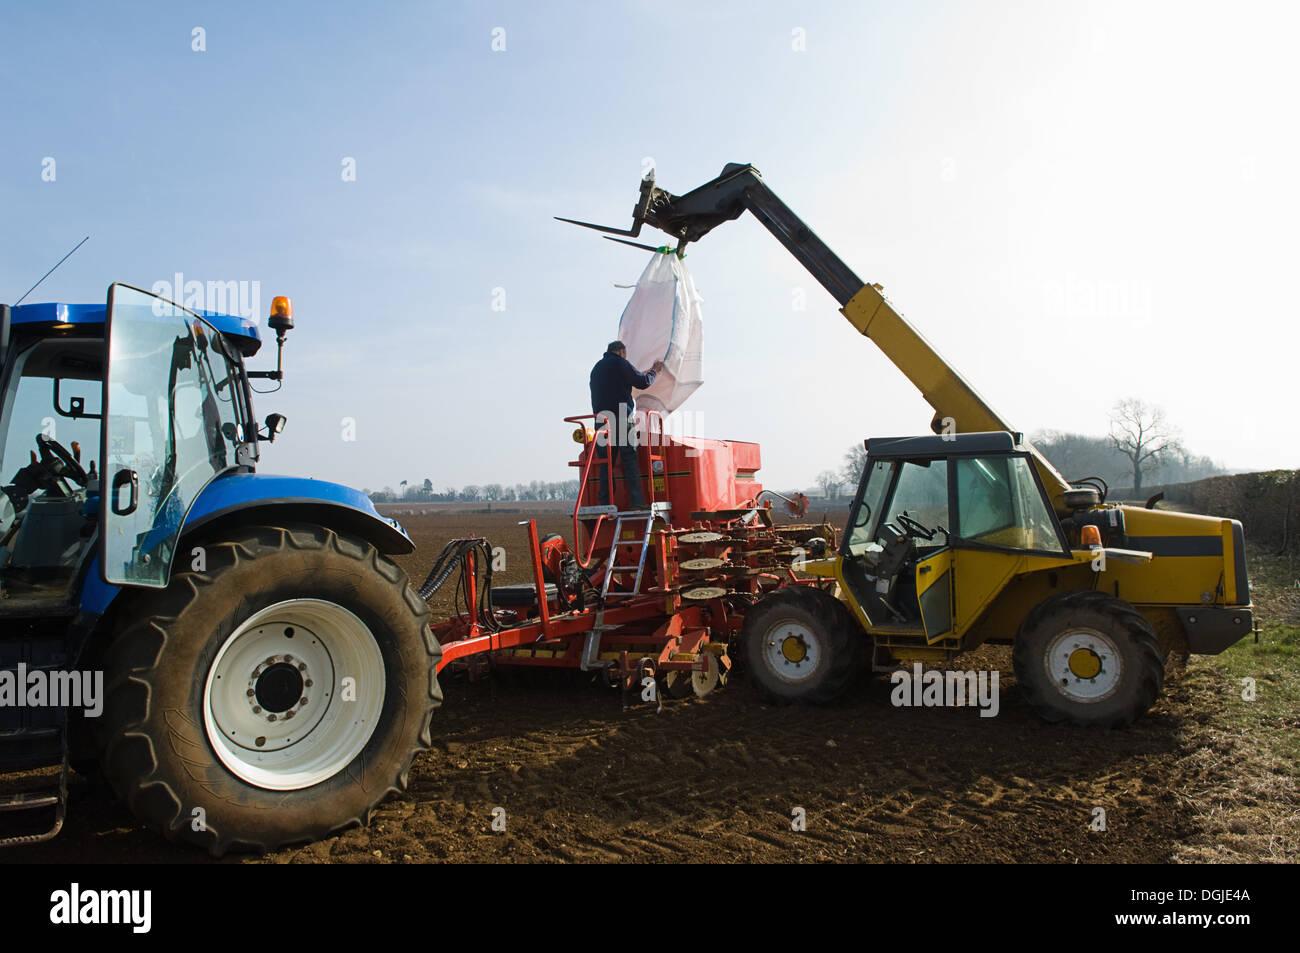 Agricoltore macchinari di riempimento con sementi per la semina Immagini Stock